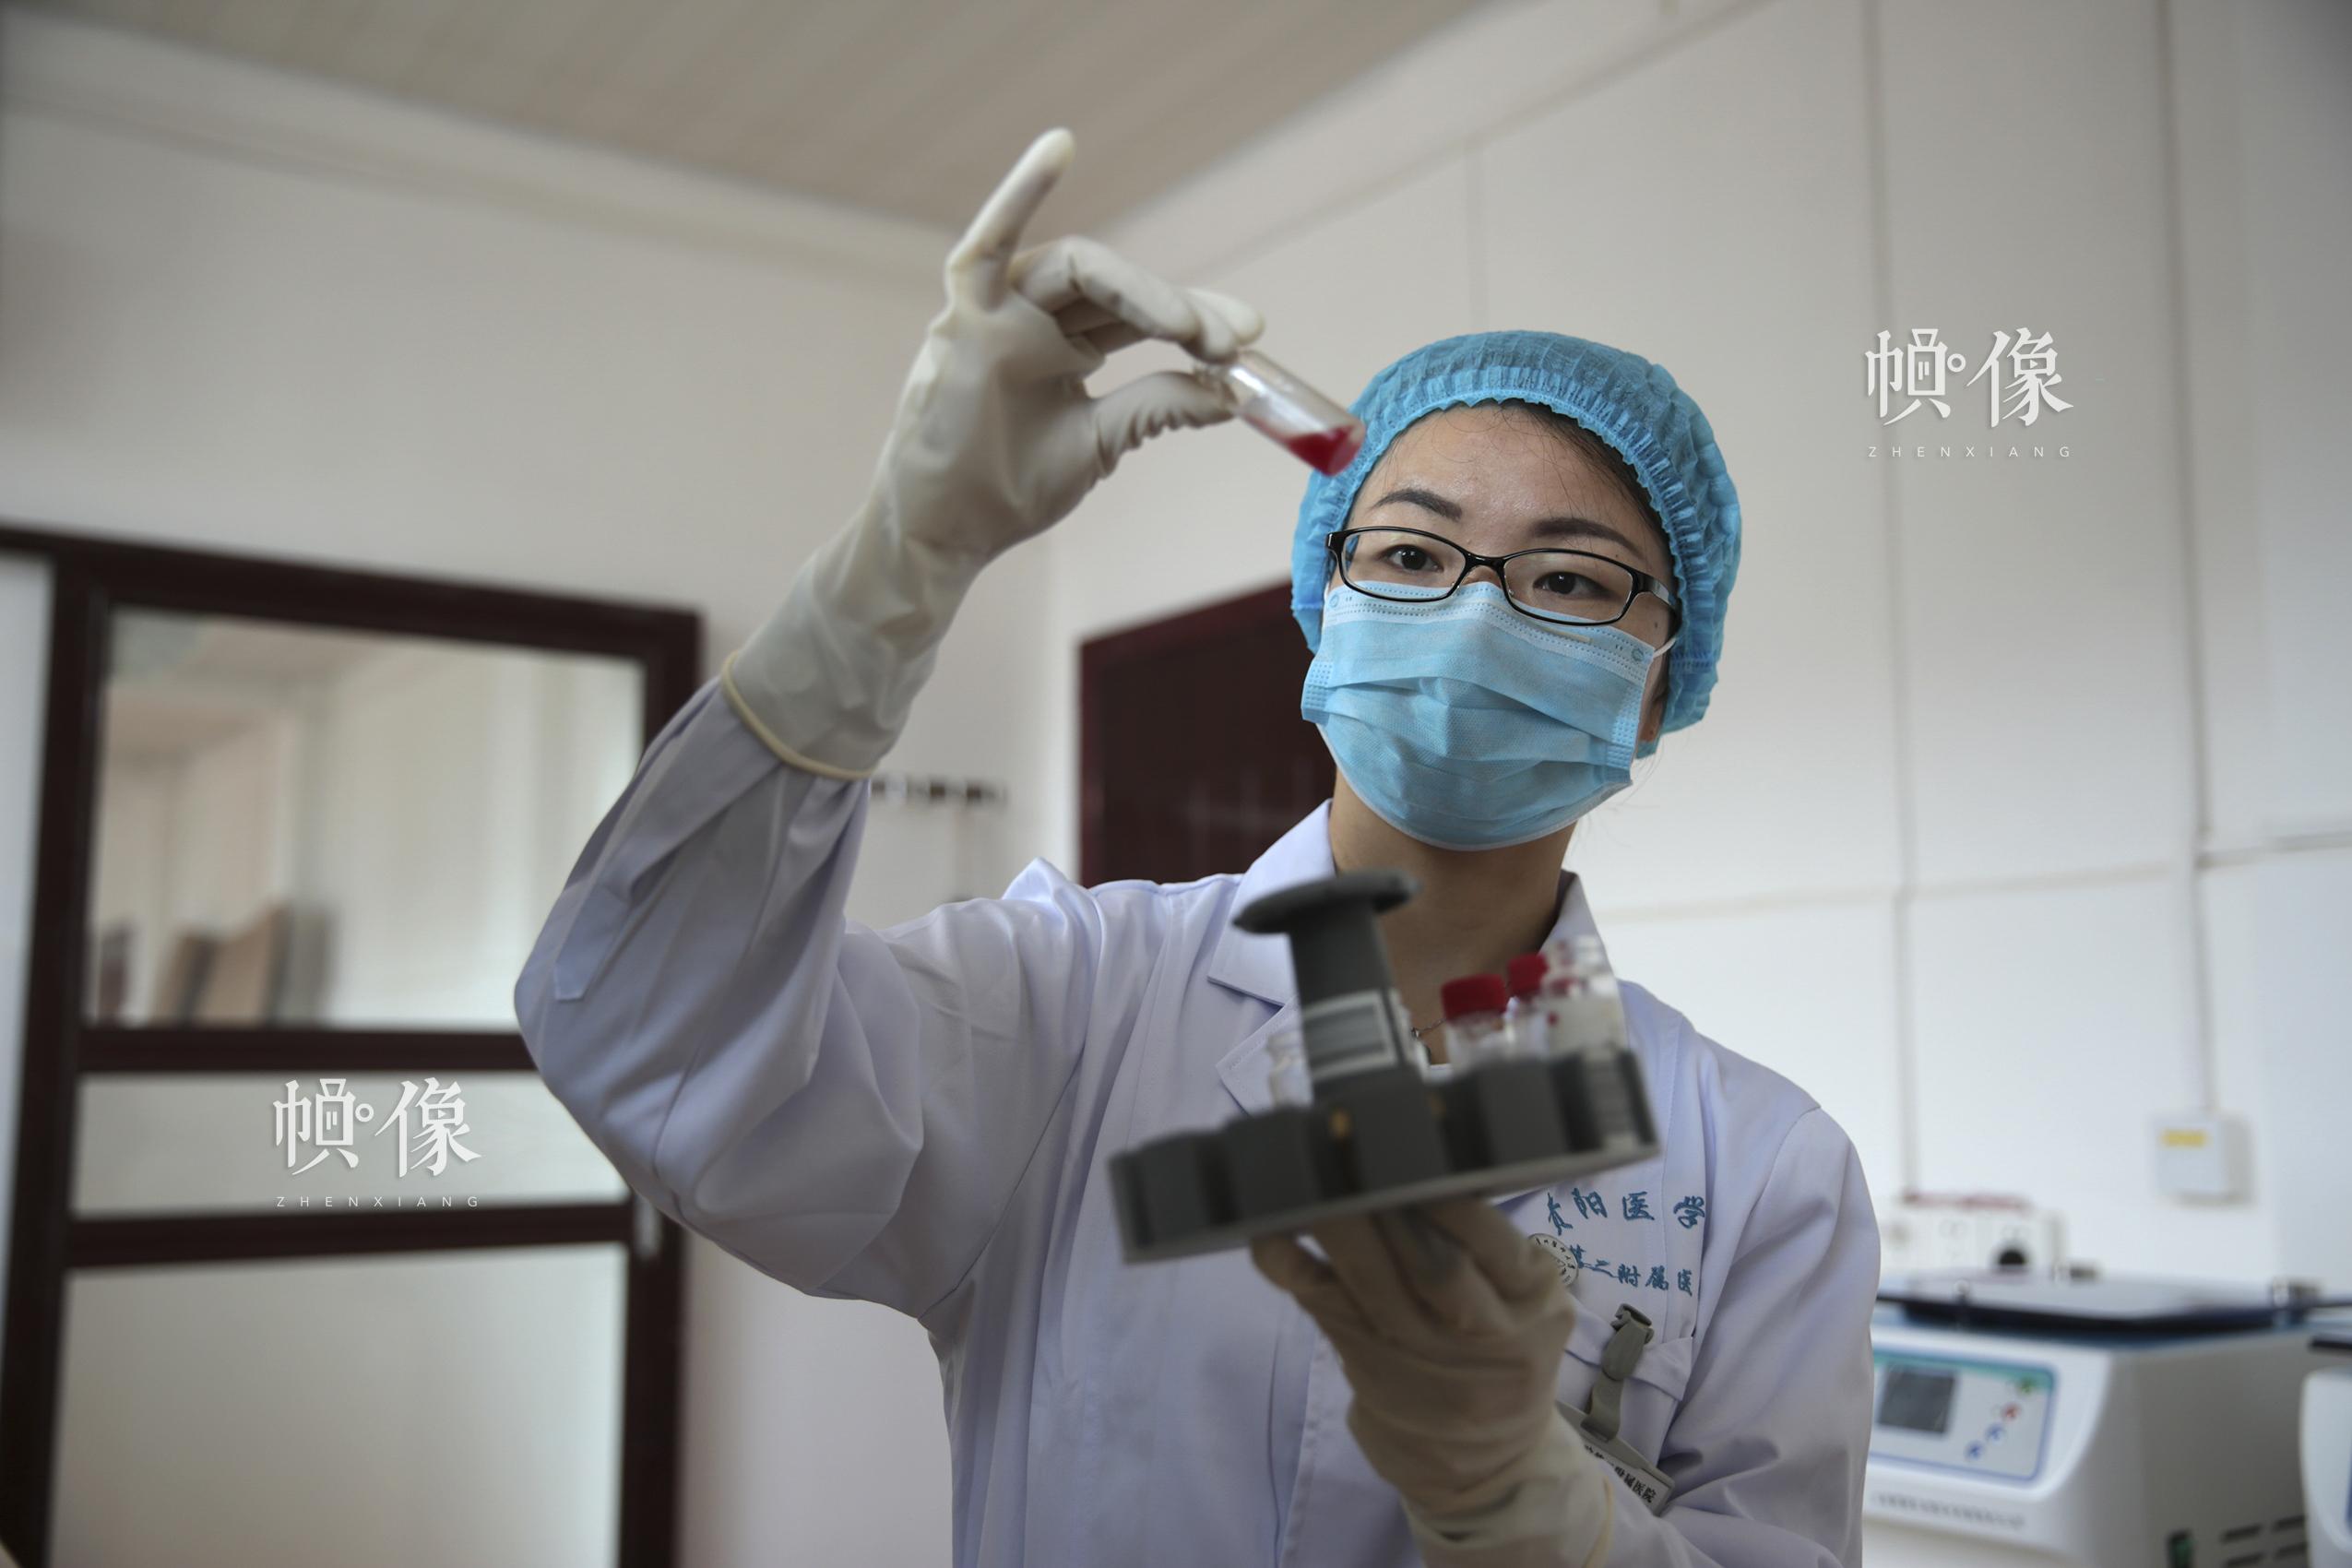 潘胜琼,苗族,2004年起接受资助,现在贵阳医学院第二附属医院检验科工作。中国儿基会供图